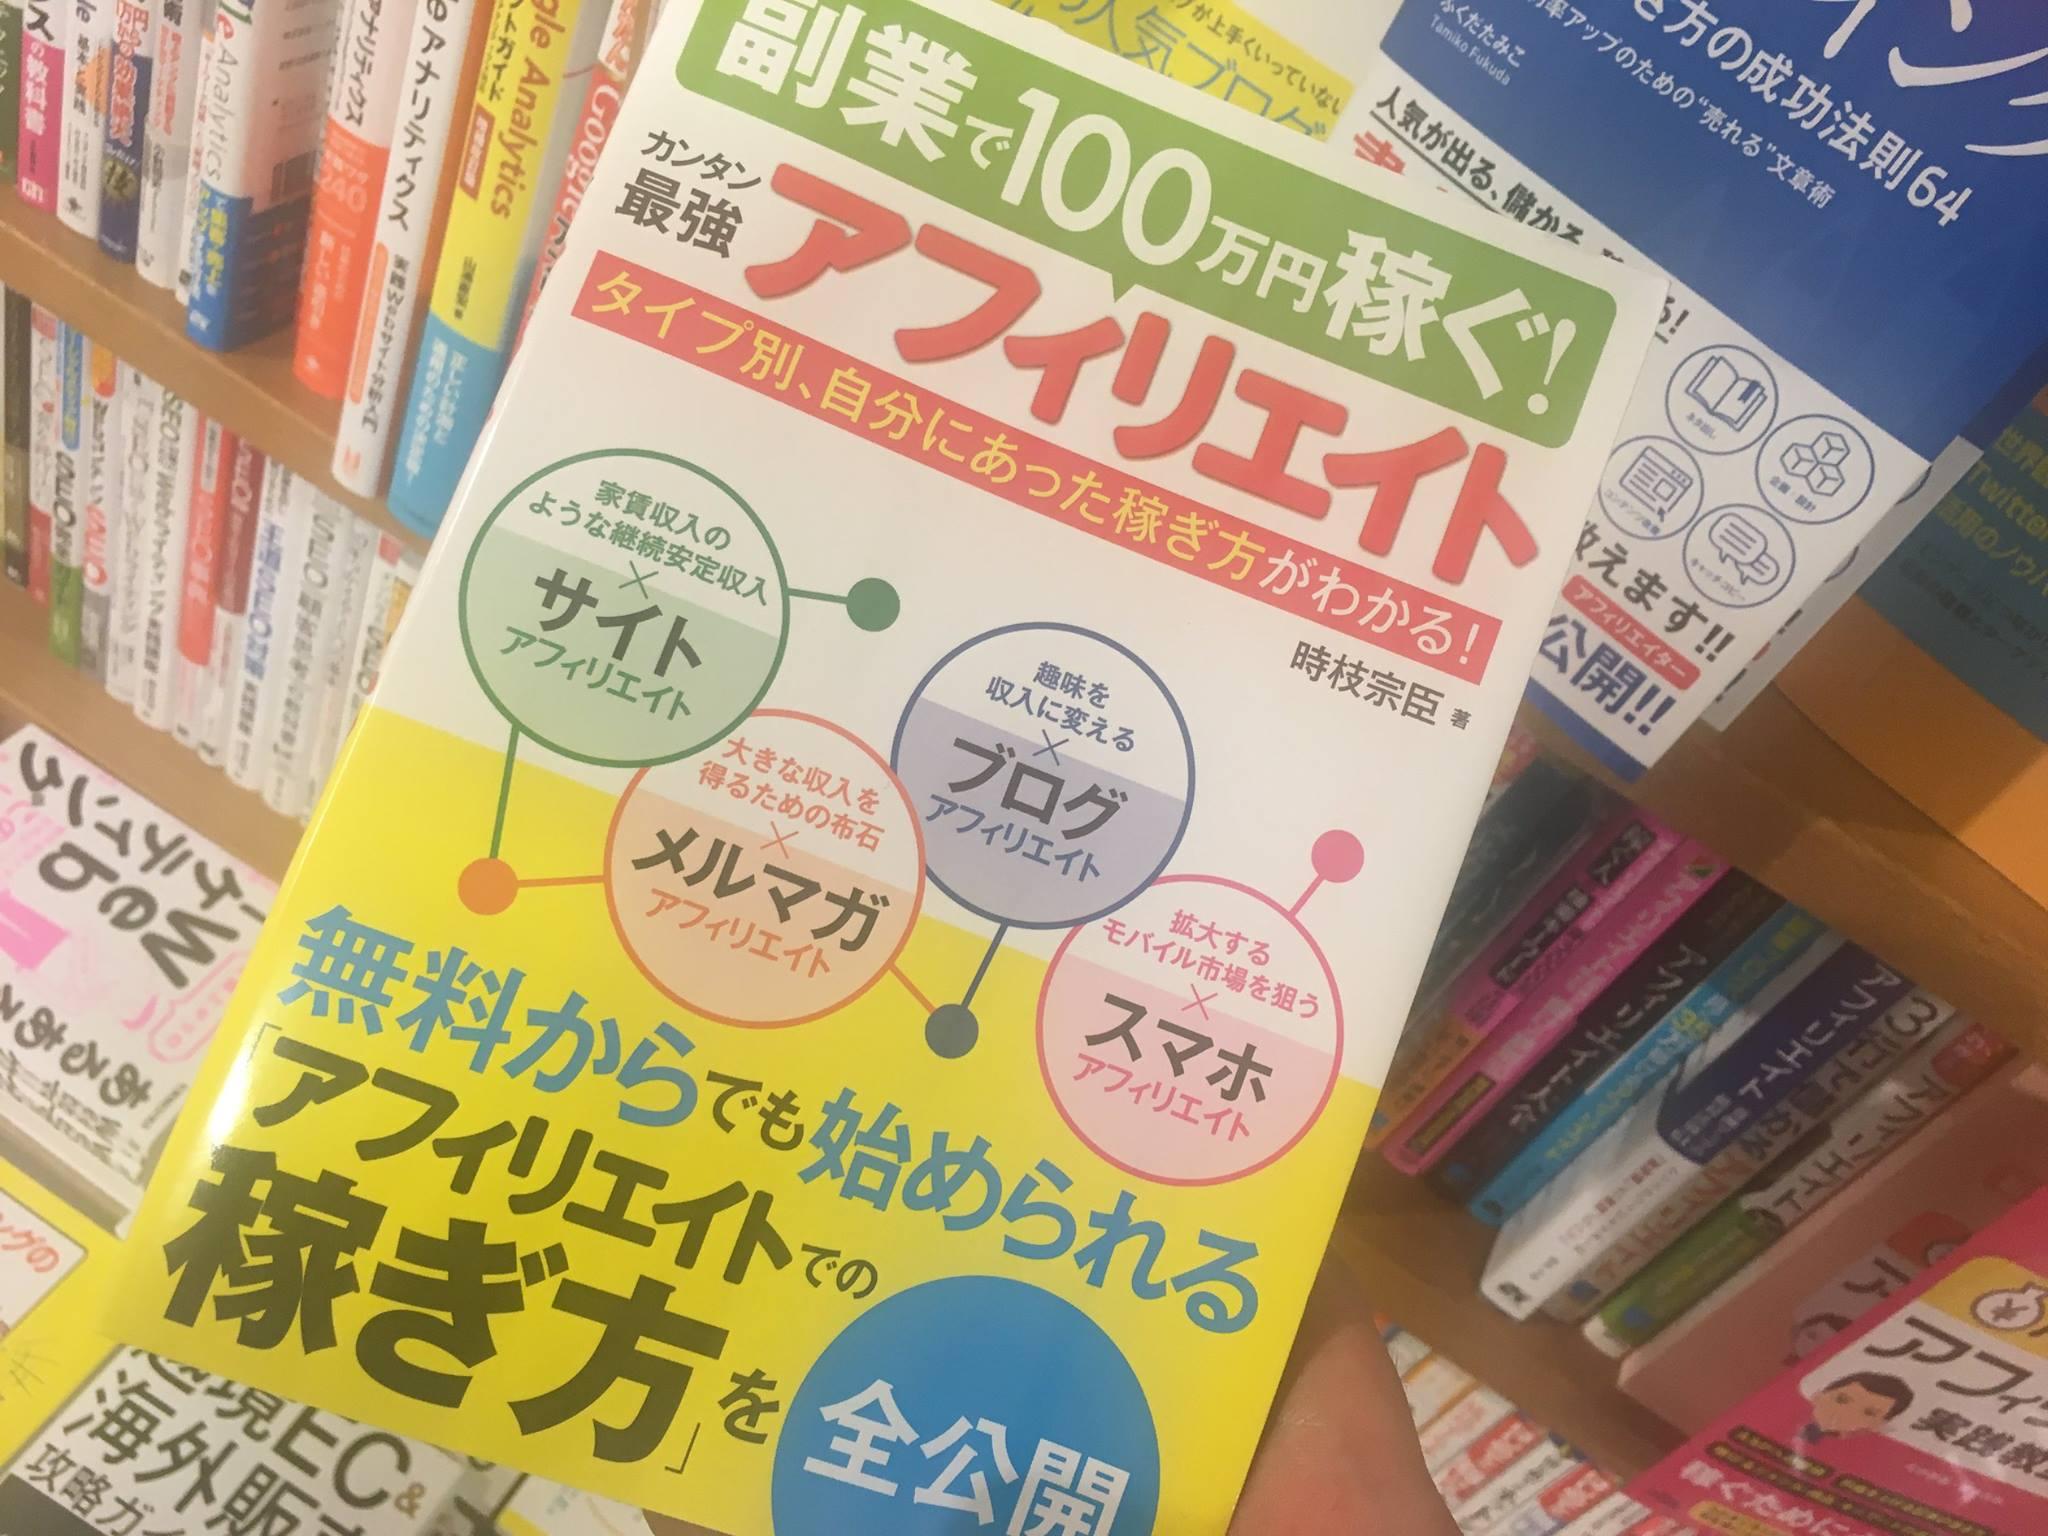 書籍「副業で100万円稼ぐ!カンタン最強アフィリエイト」の増刷(6刷)が決定